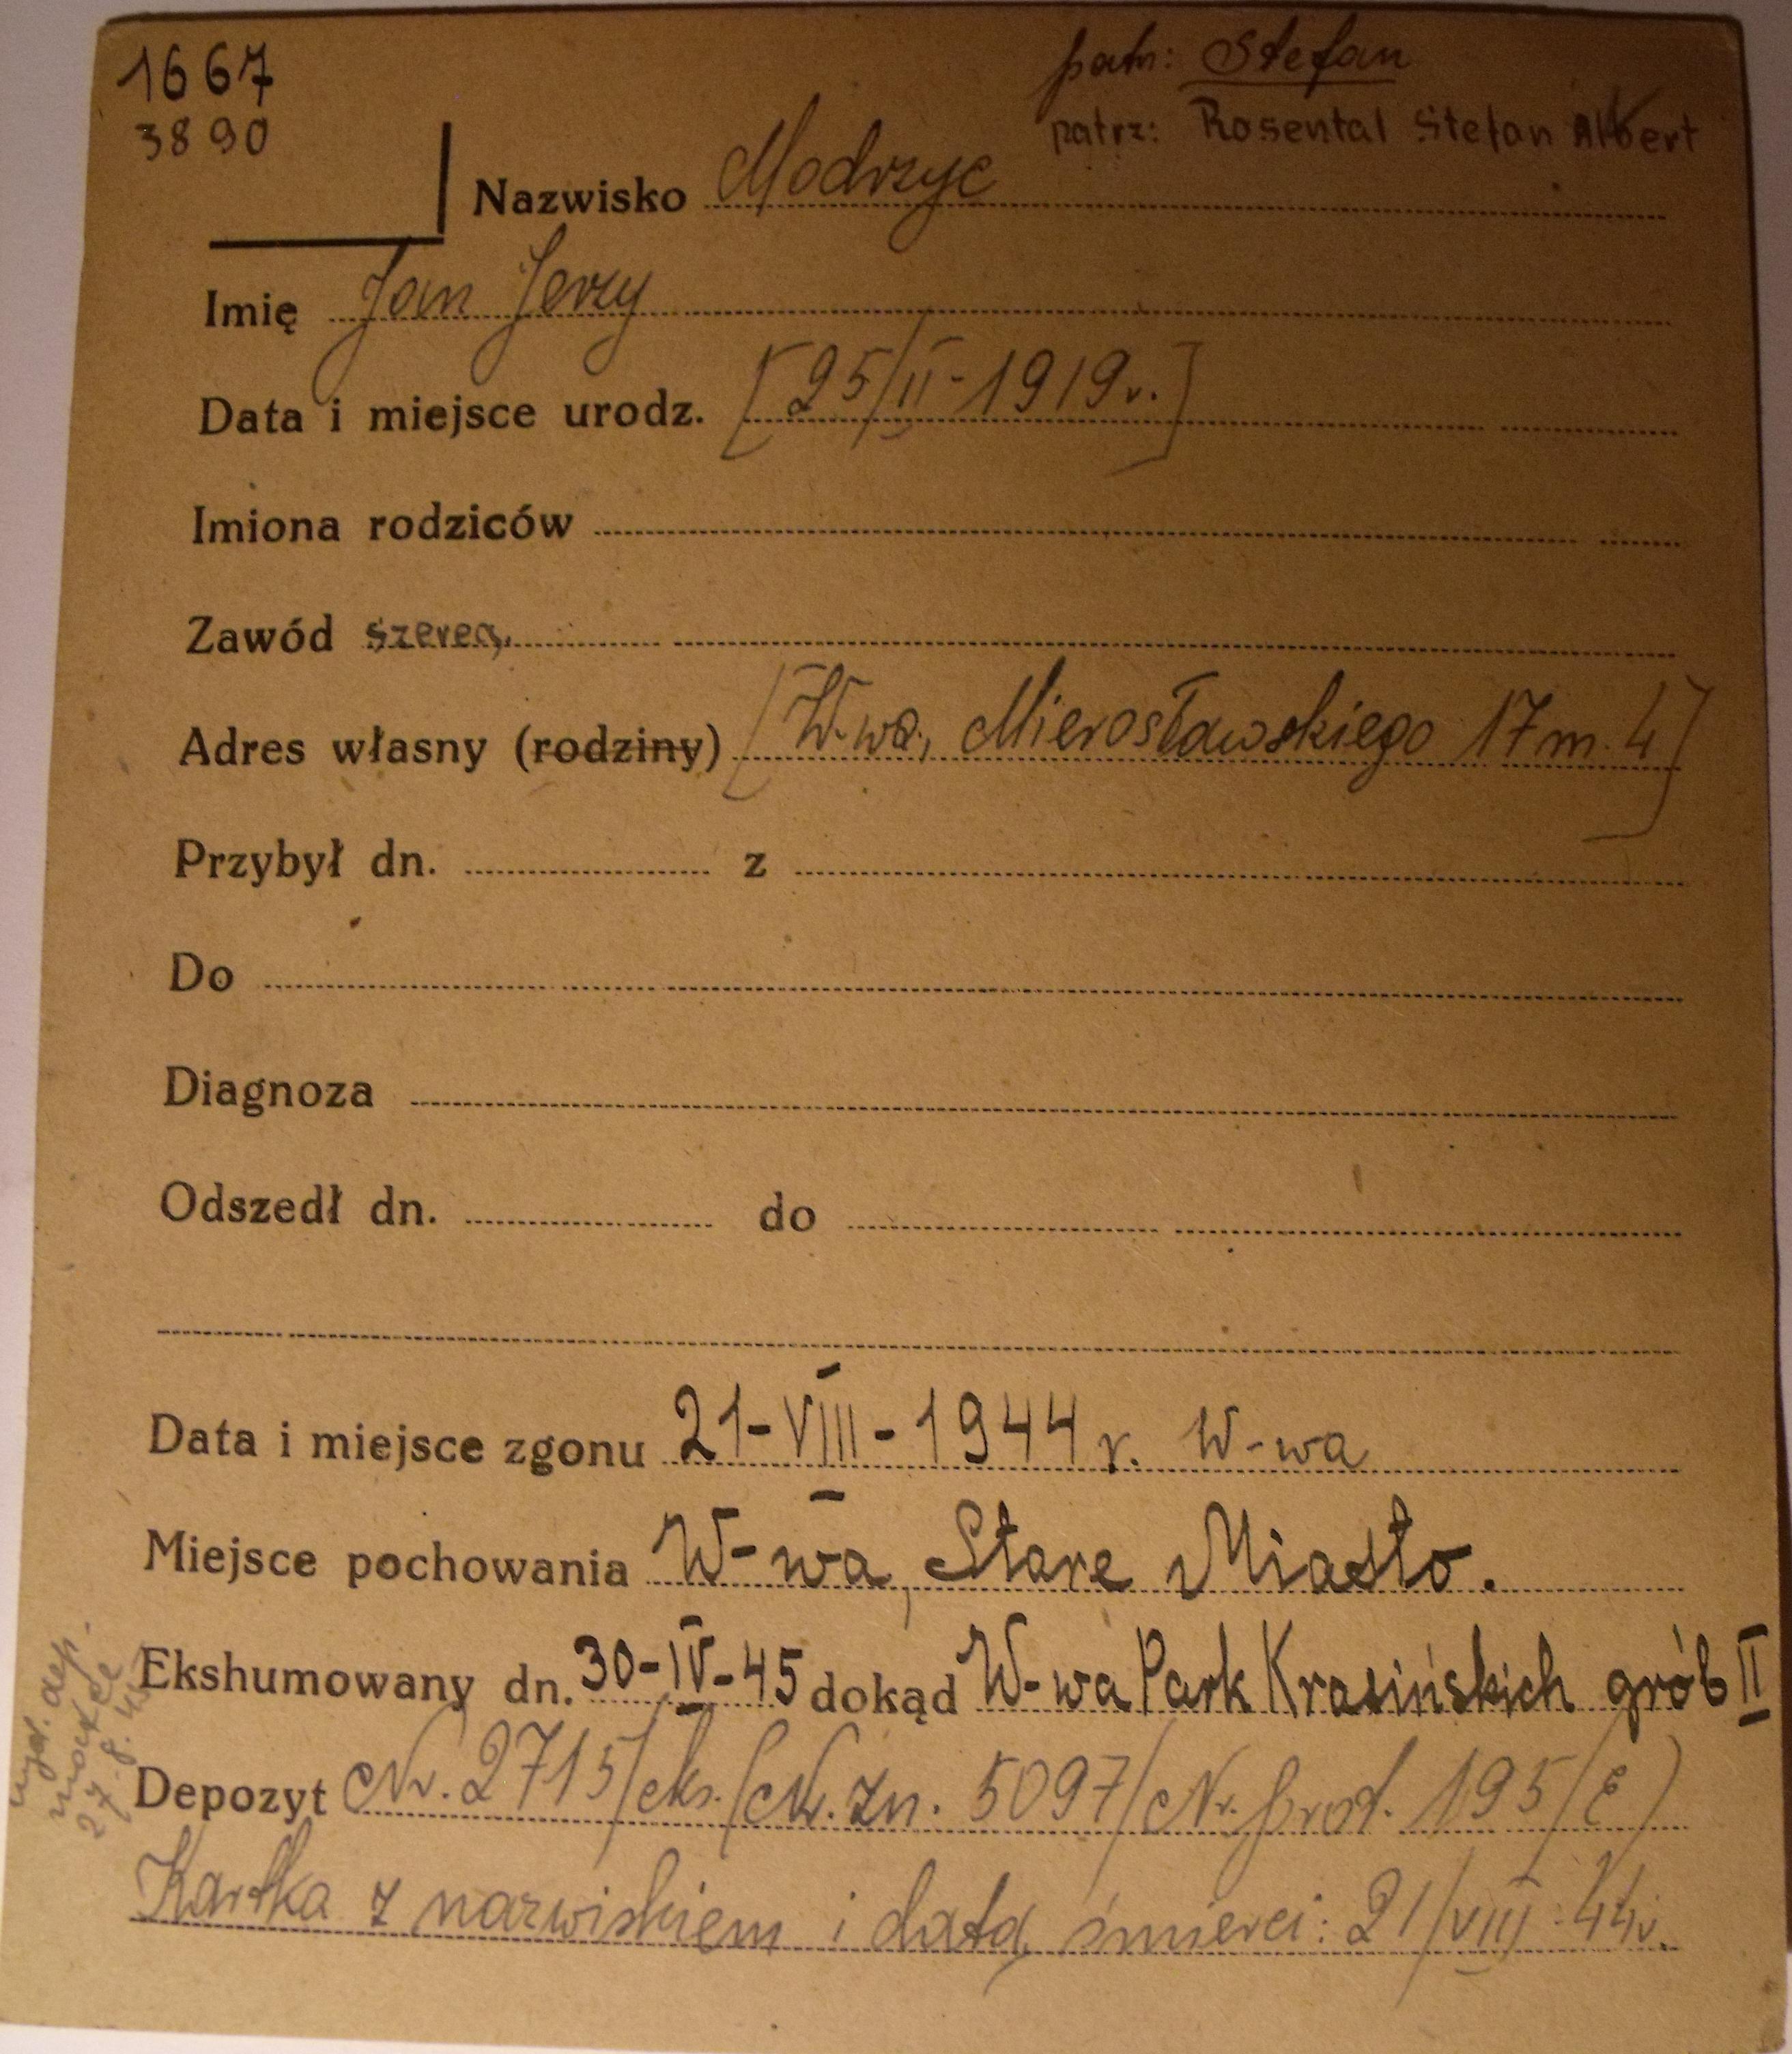 PCK - kartoteka, tu data ur. 25.02.1919 i nazwisko konspiracyjne Jan Jerzy Modrzyc